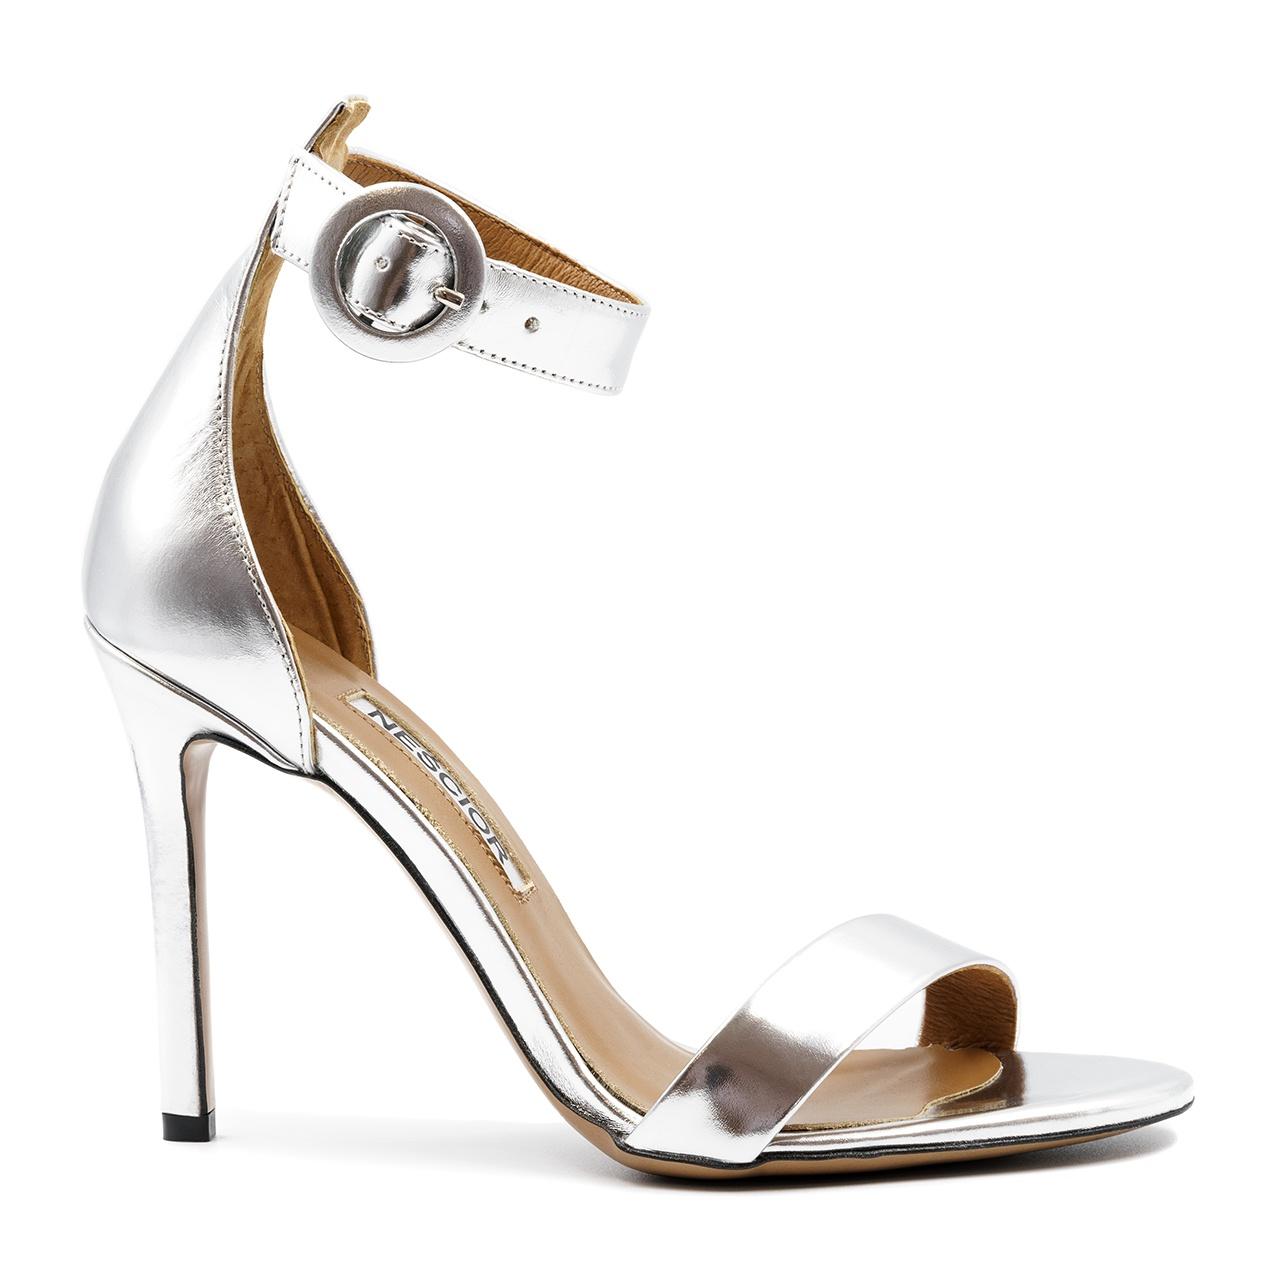 9cdfc32a909494 Srebrne skórzane szpilki sandały zapinane wokół kostki 103P ...